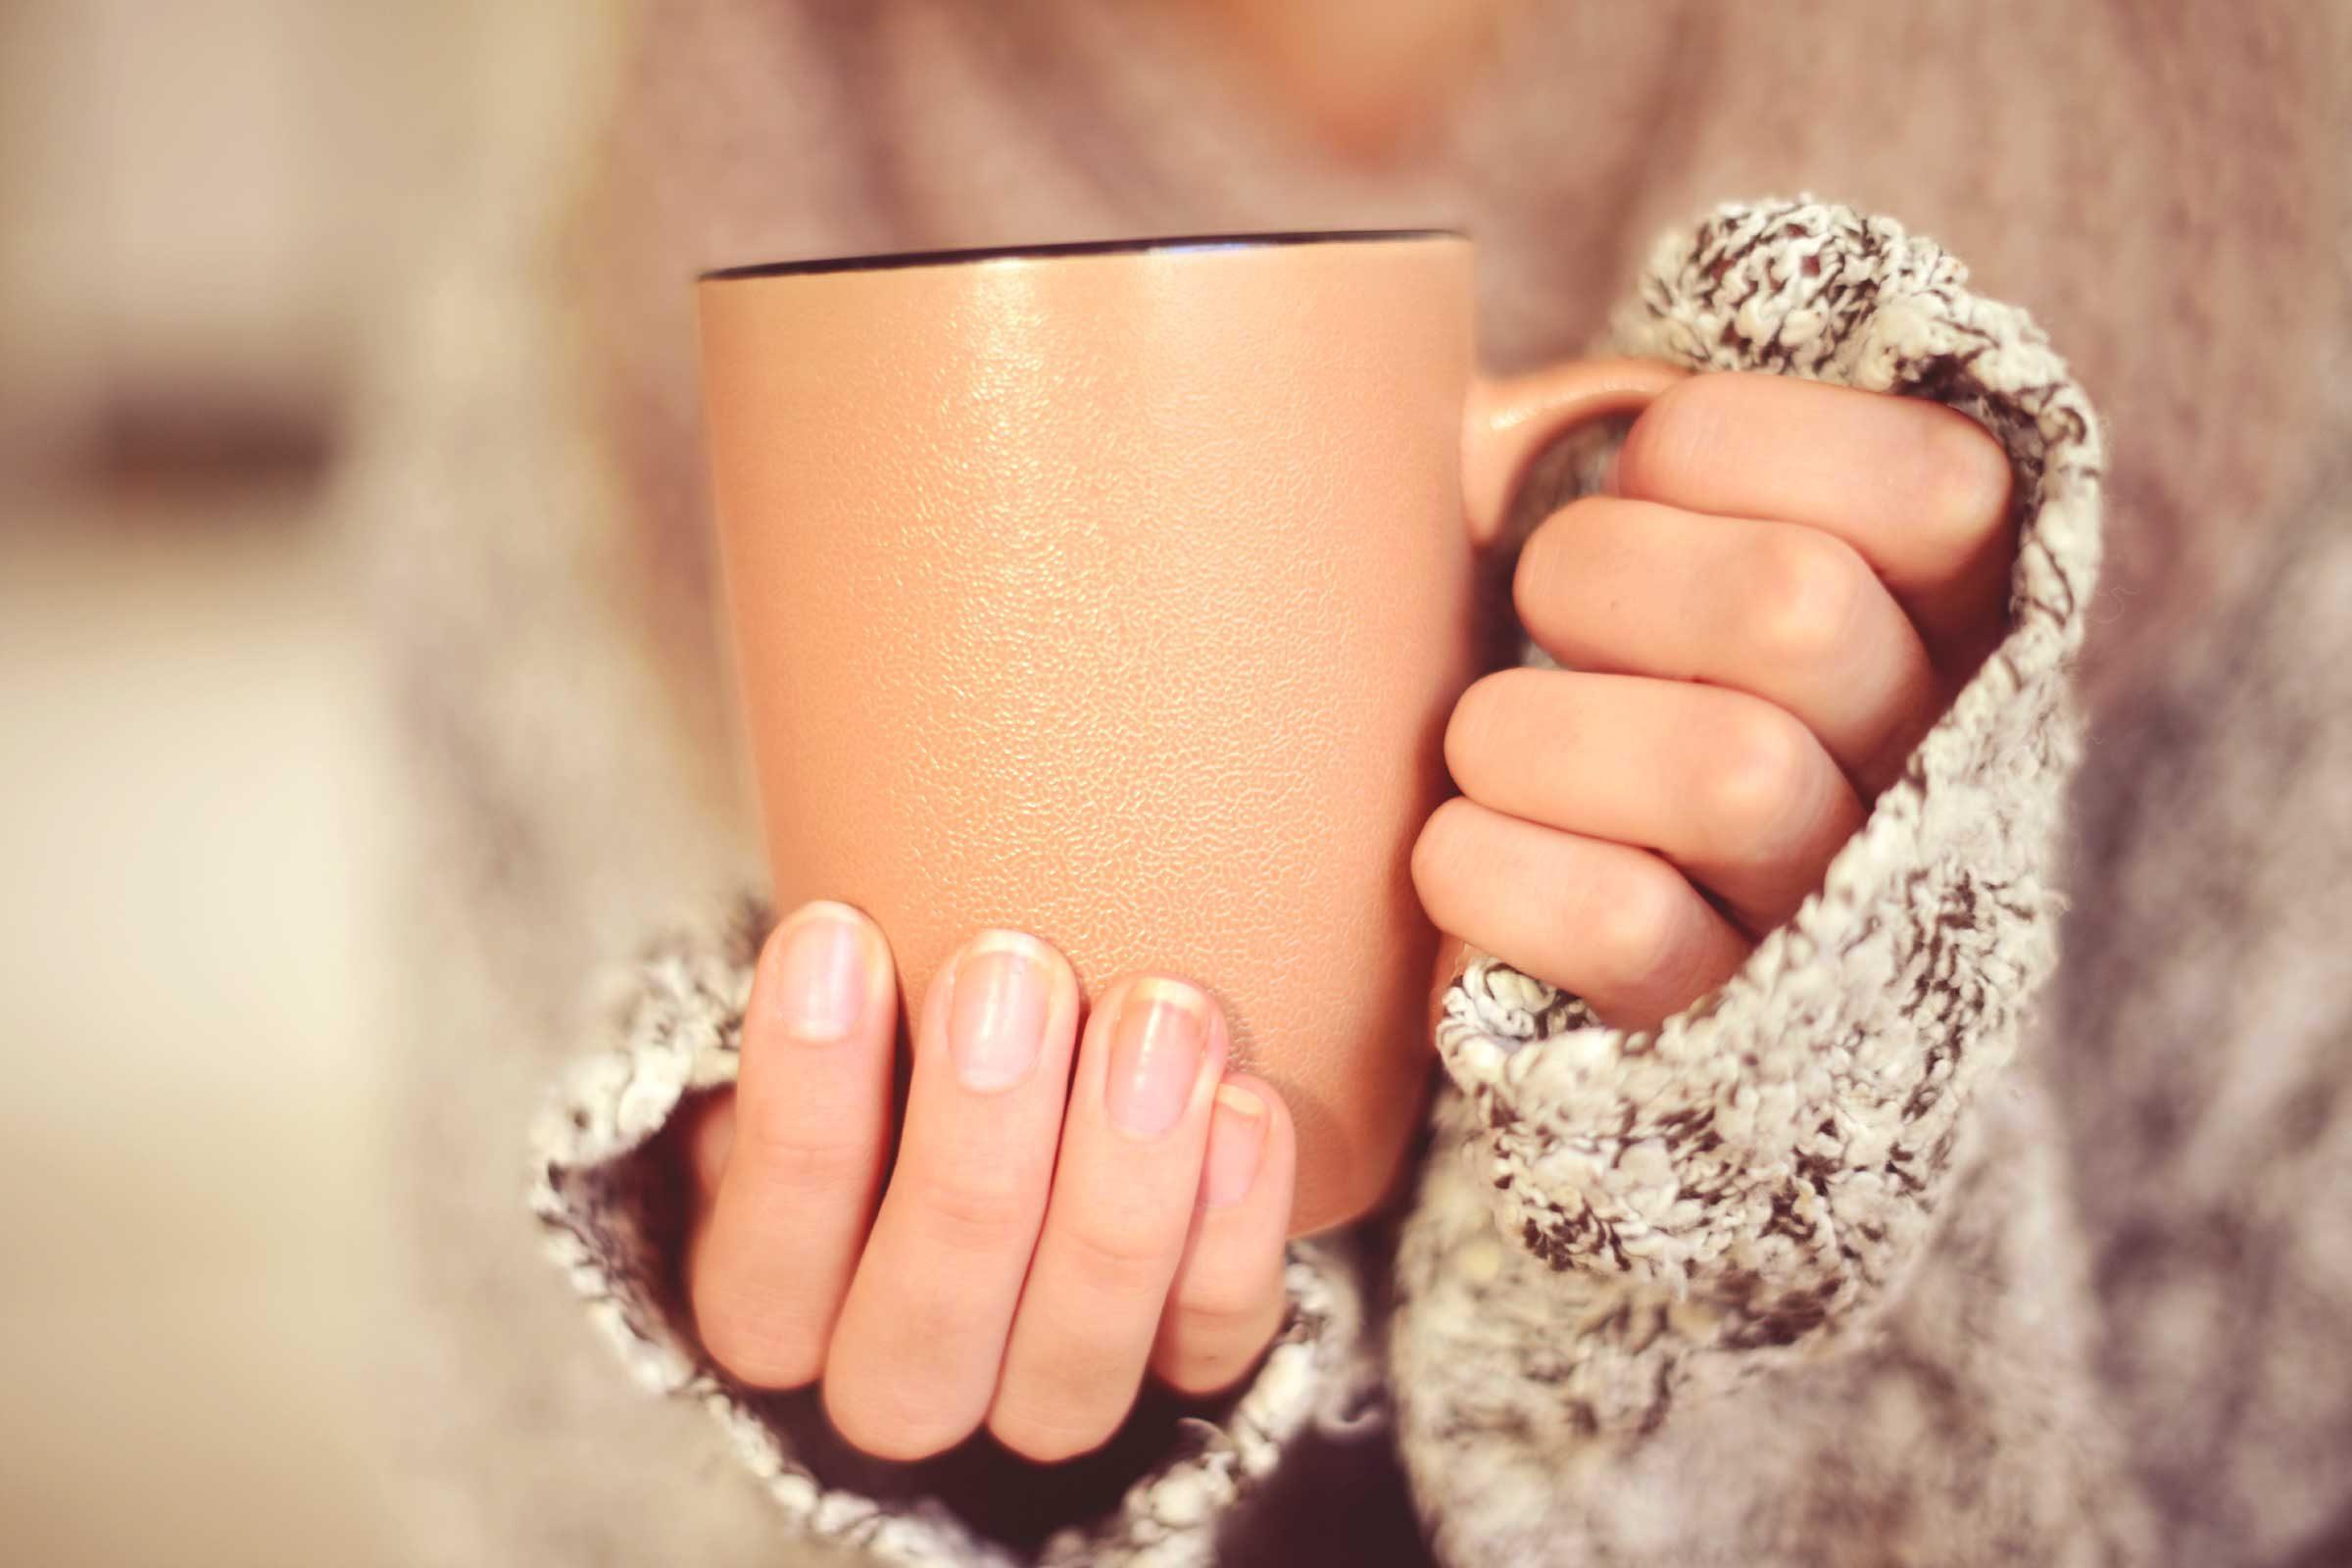 Le corps brûle des calories quand vous avez froid